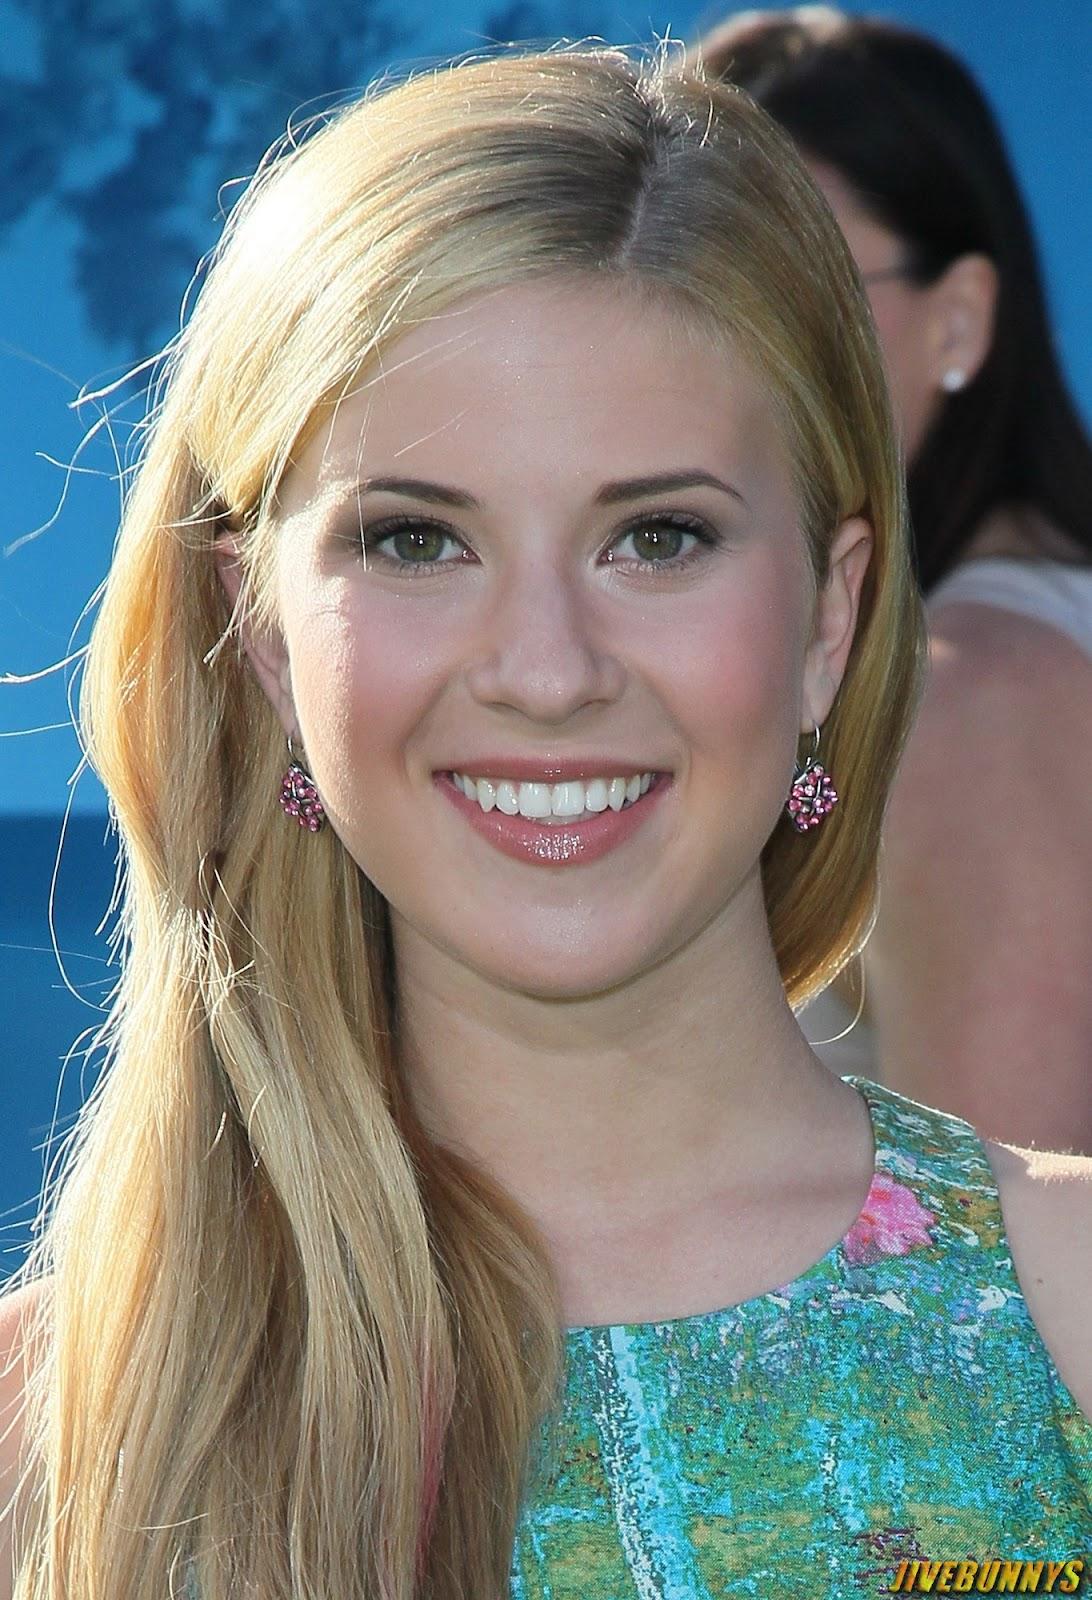 Caroline Sunshine Hot Actress Photos and Image Gallery 1Caroline Sunshine